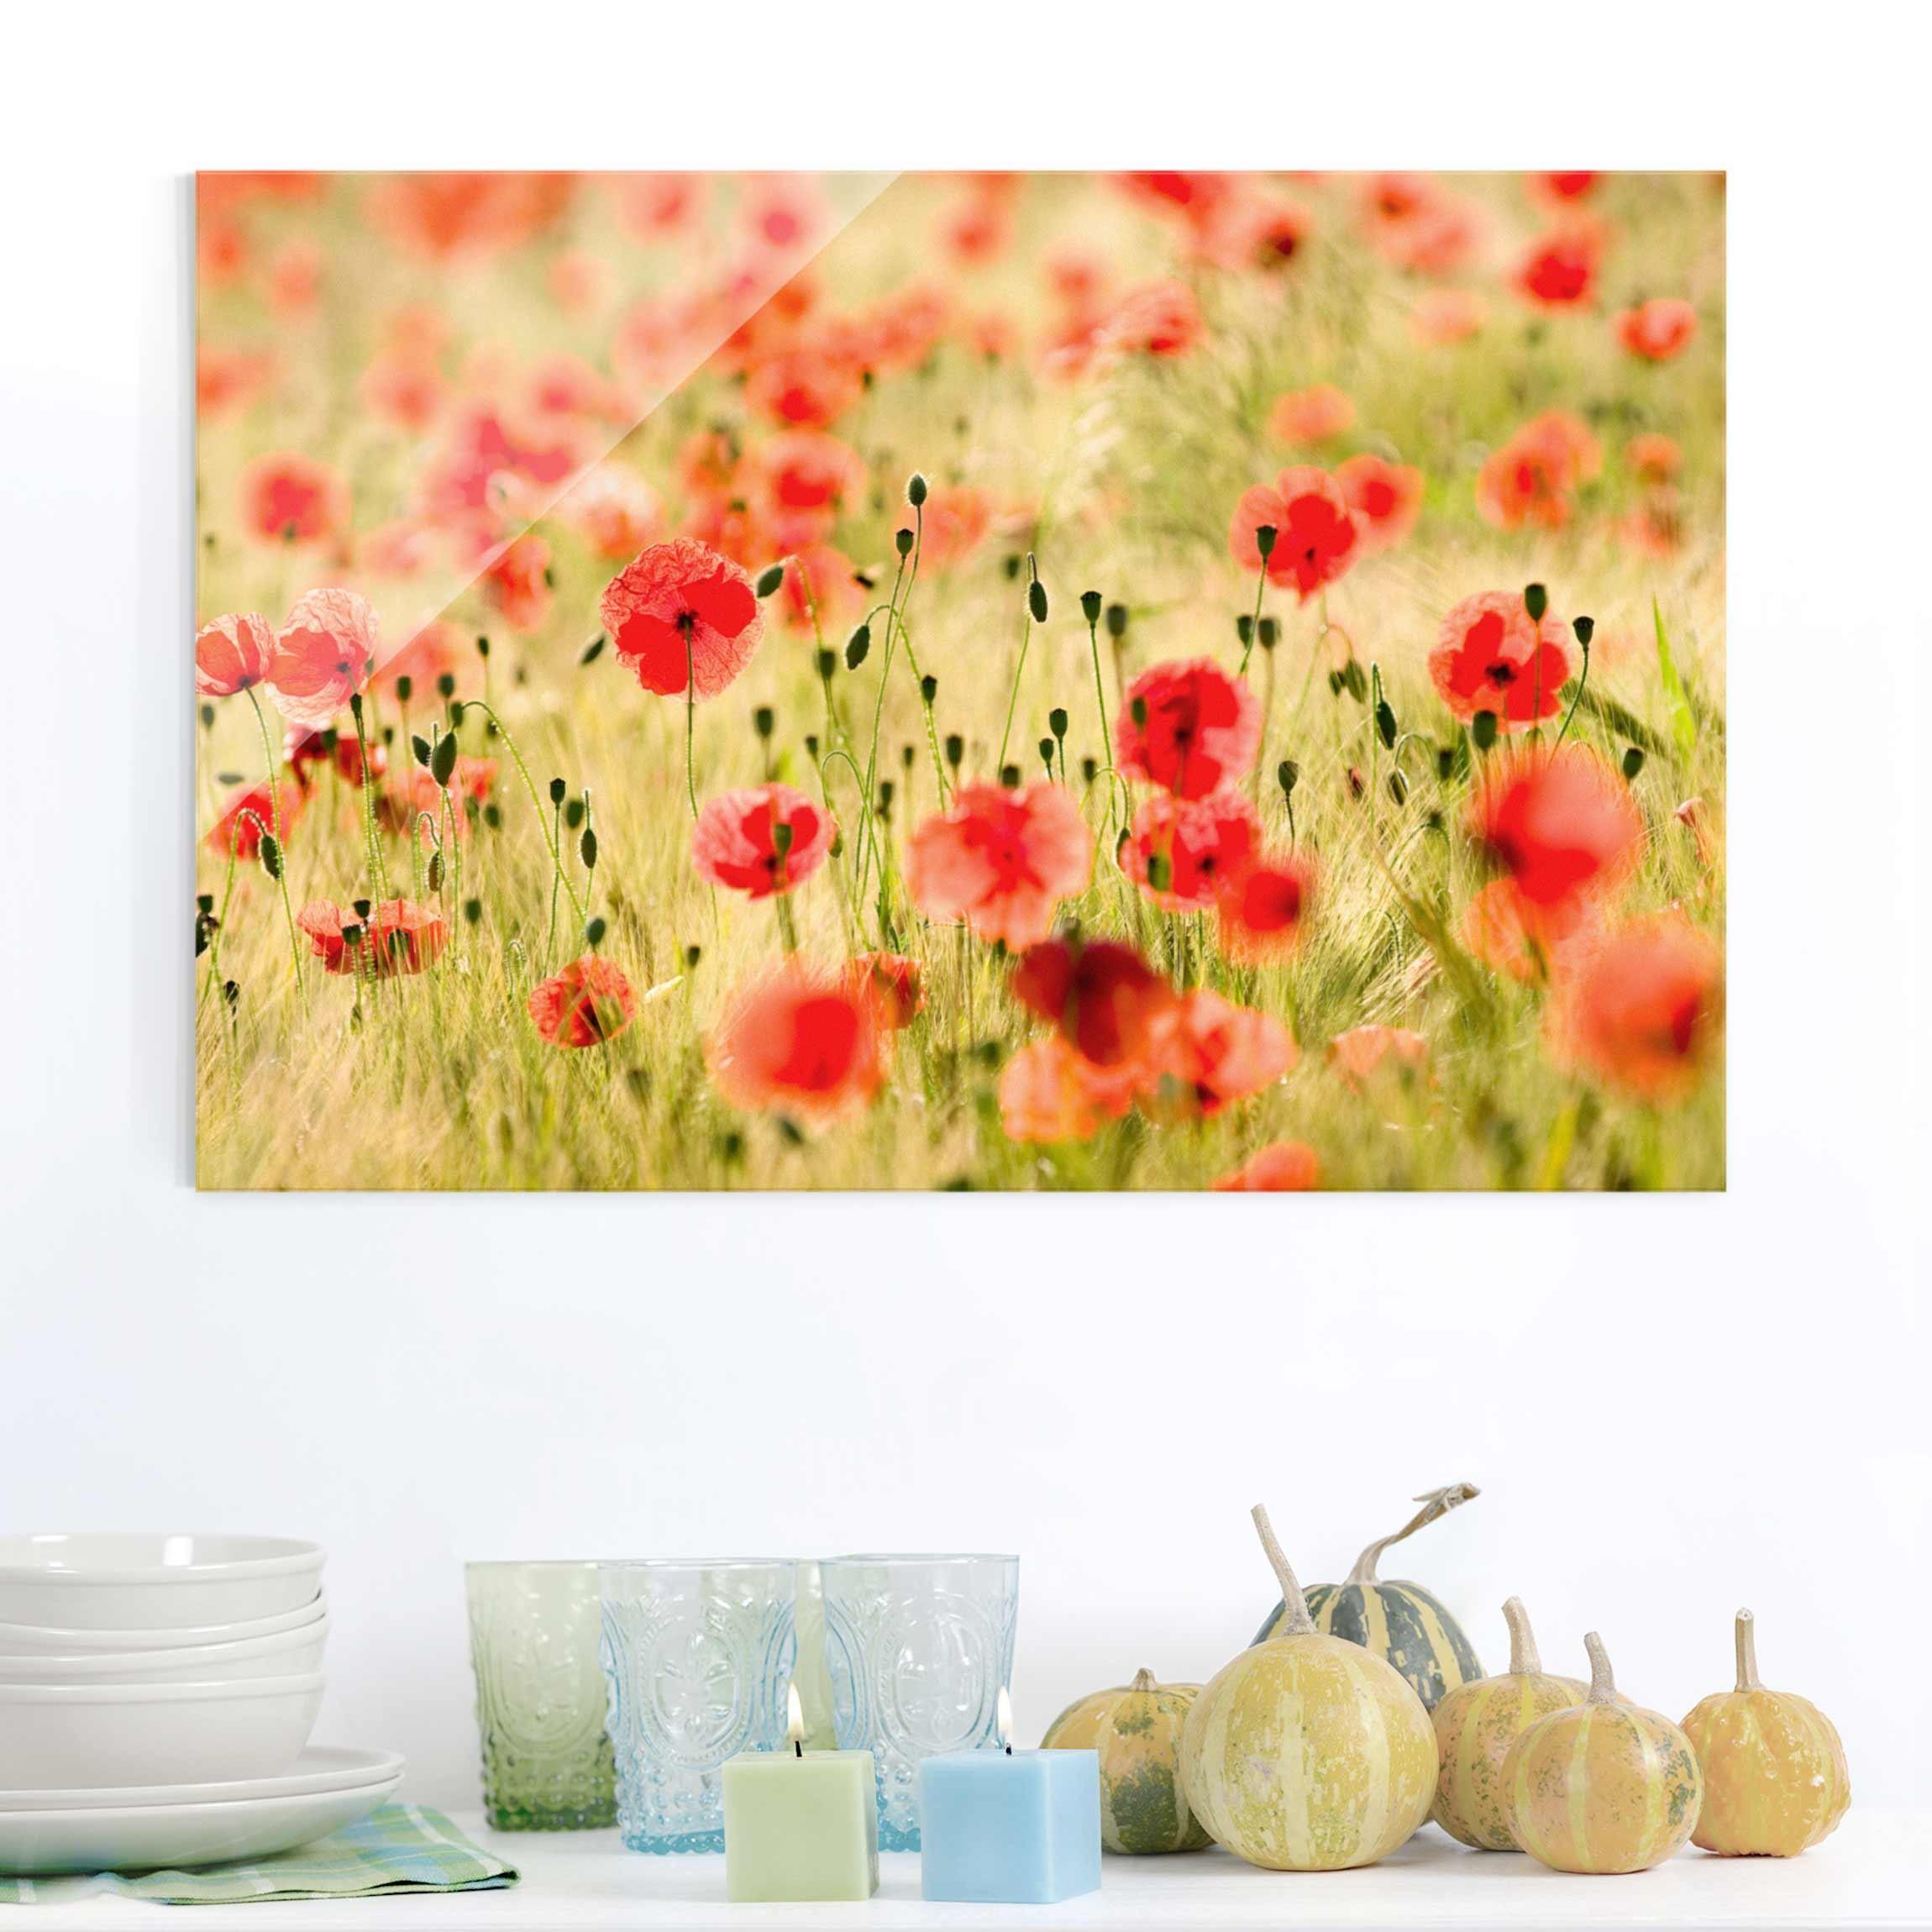 Glass Print - Summer Poppies - Glass Wall Art Landscape Format 2:3